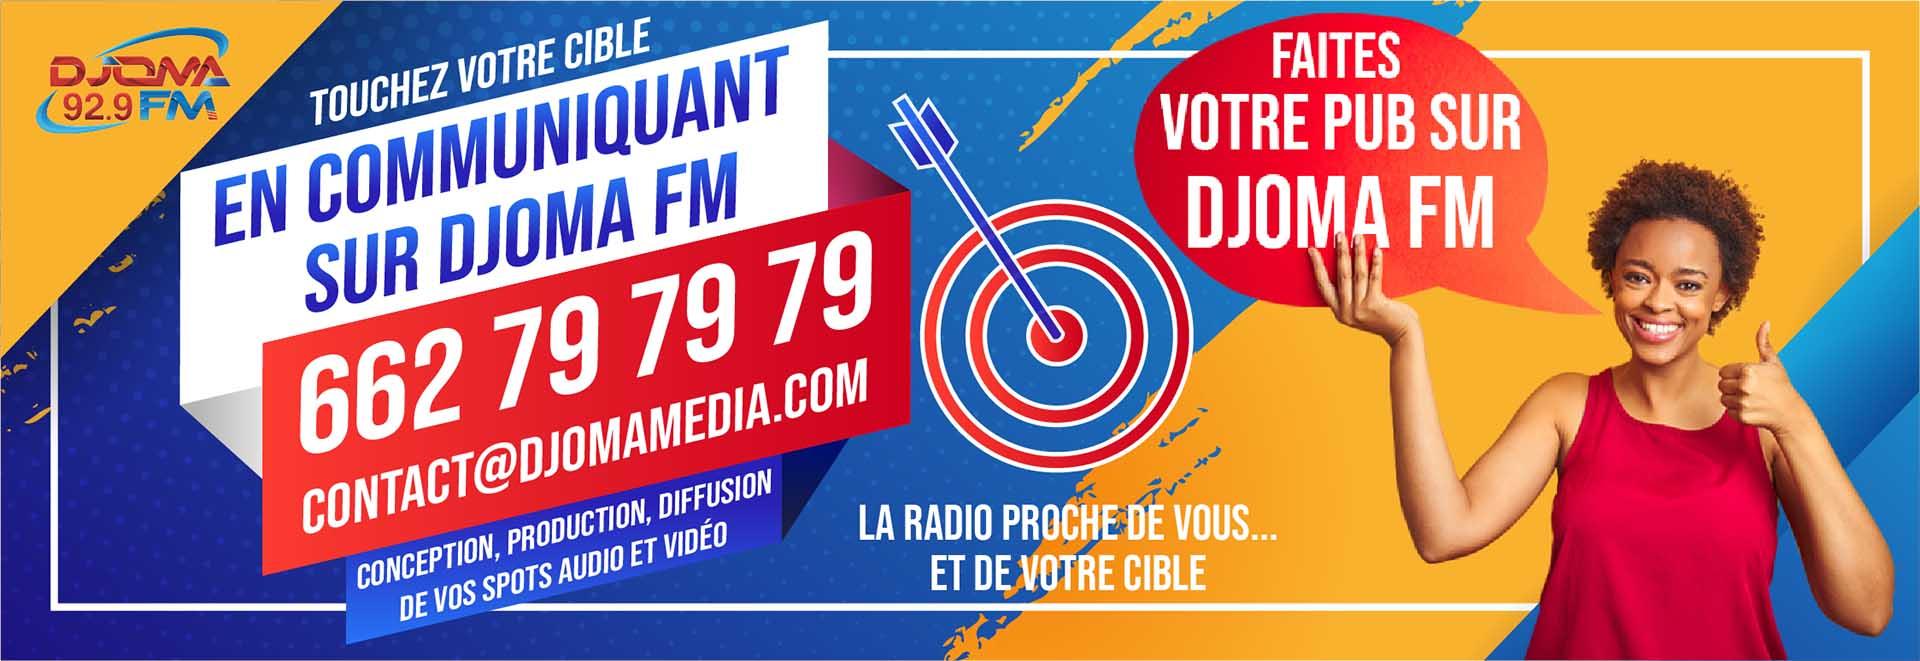 banner djoma 1